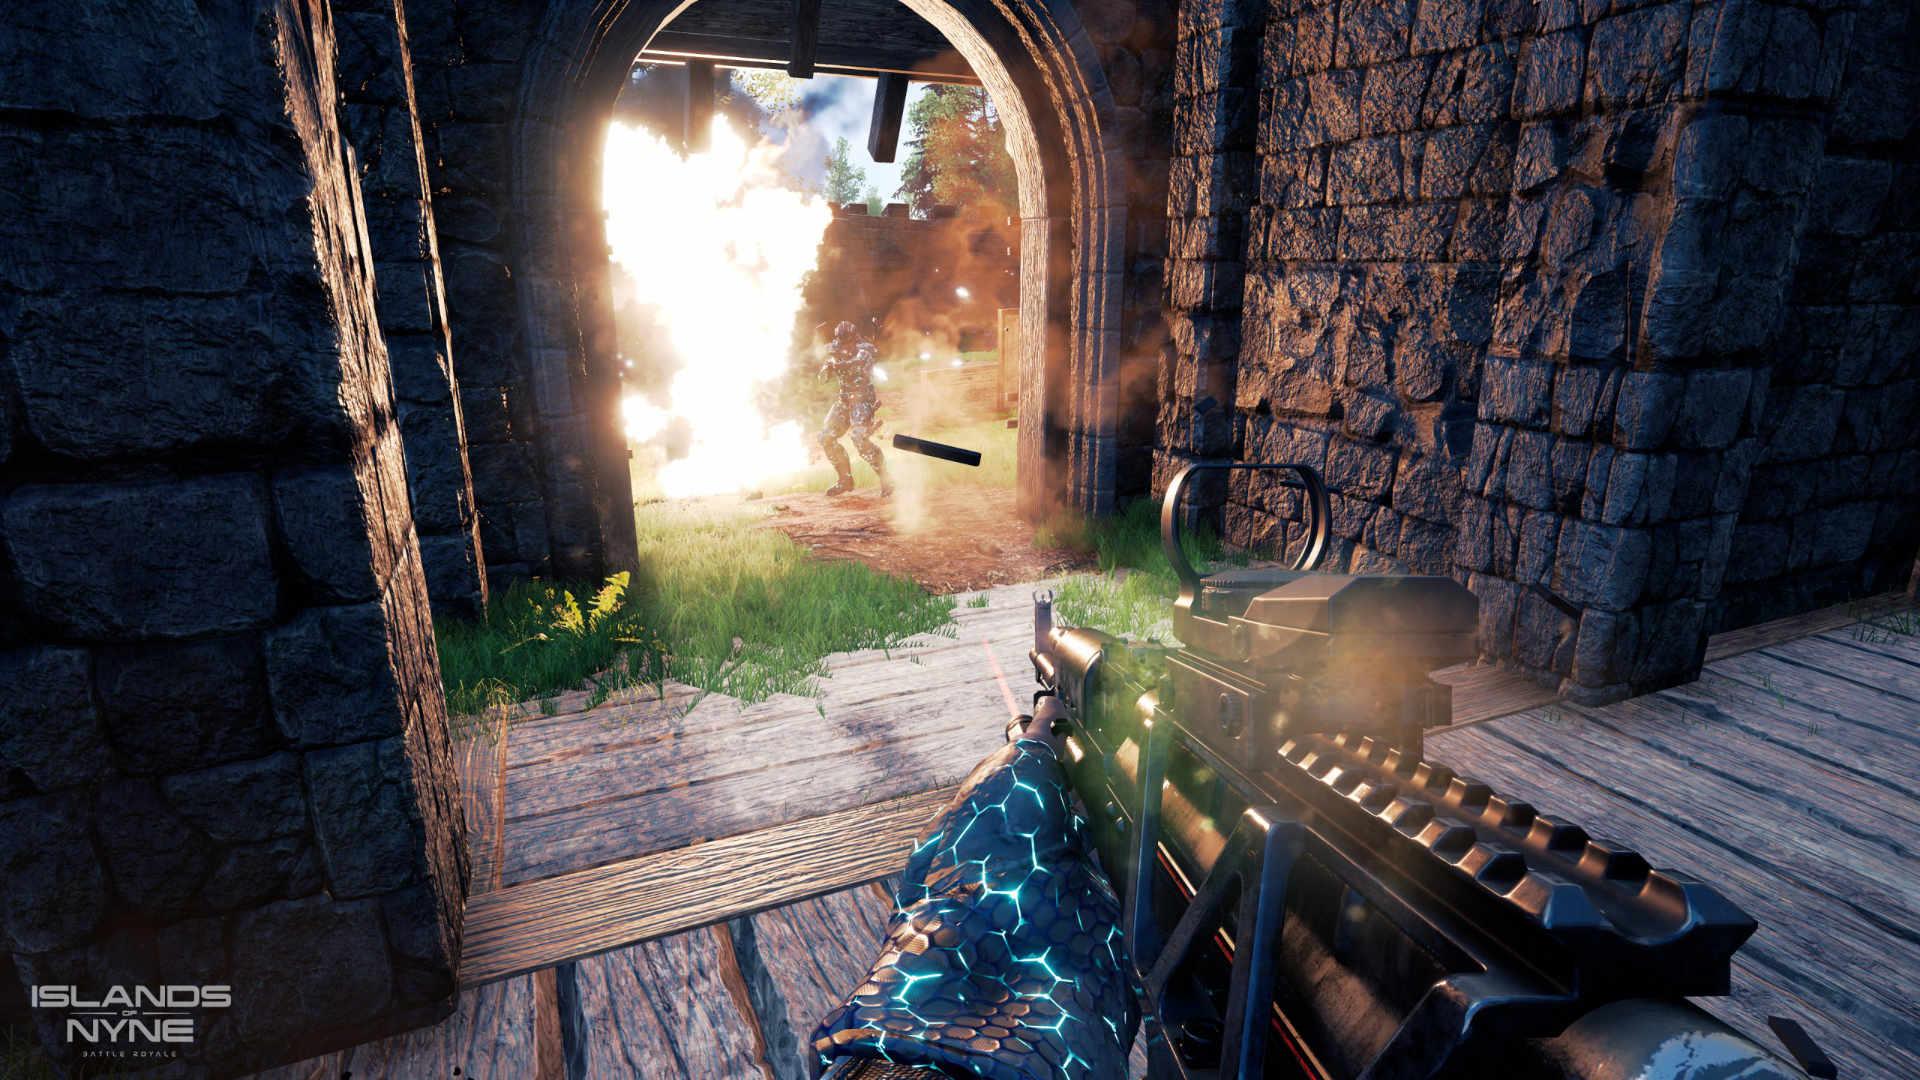 Islands of Nyne: Battle Royale Screenshot